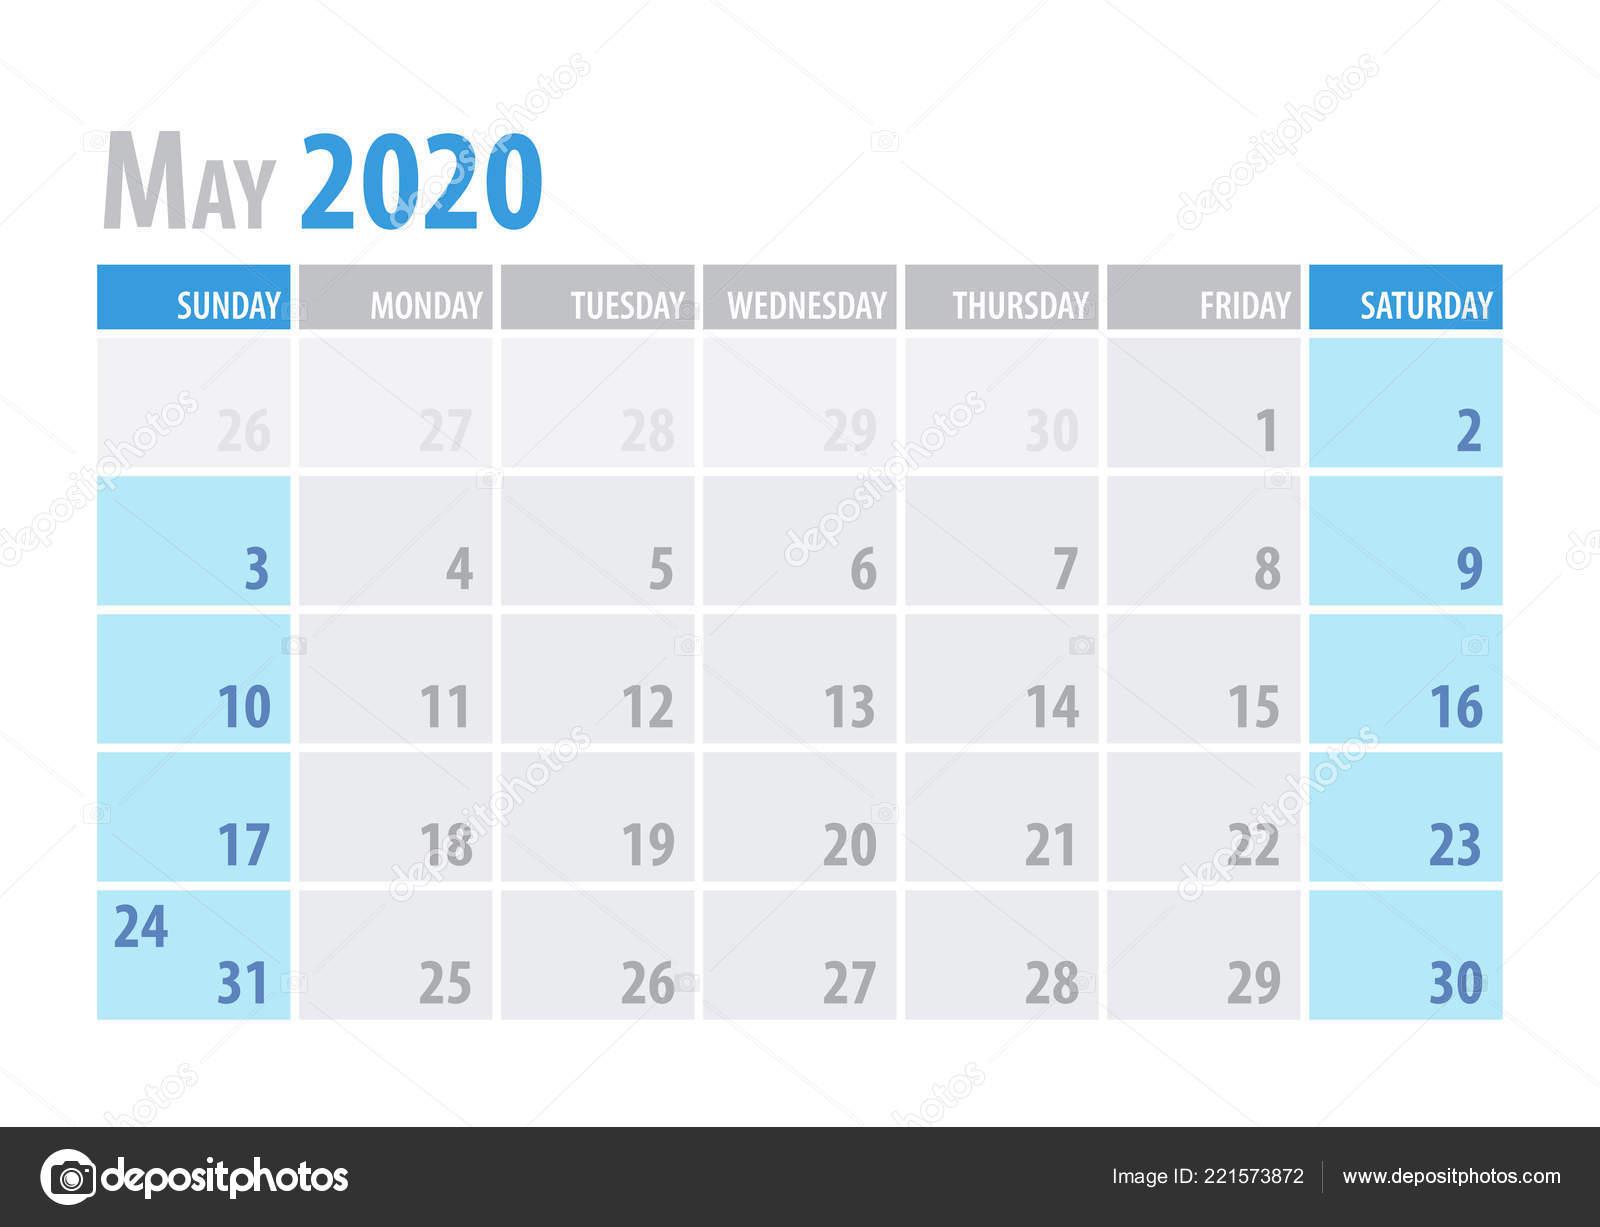 Calendario Maggio 2020.Maggio Calendario Planner 2020 In Stile Semplice E Pulito